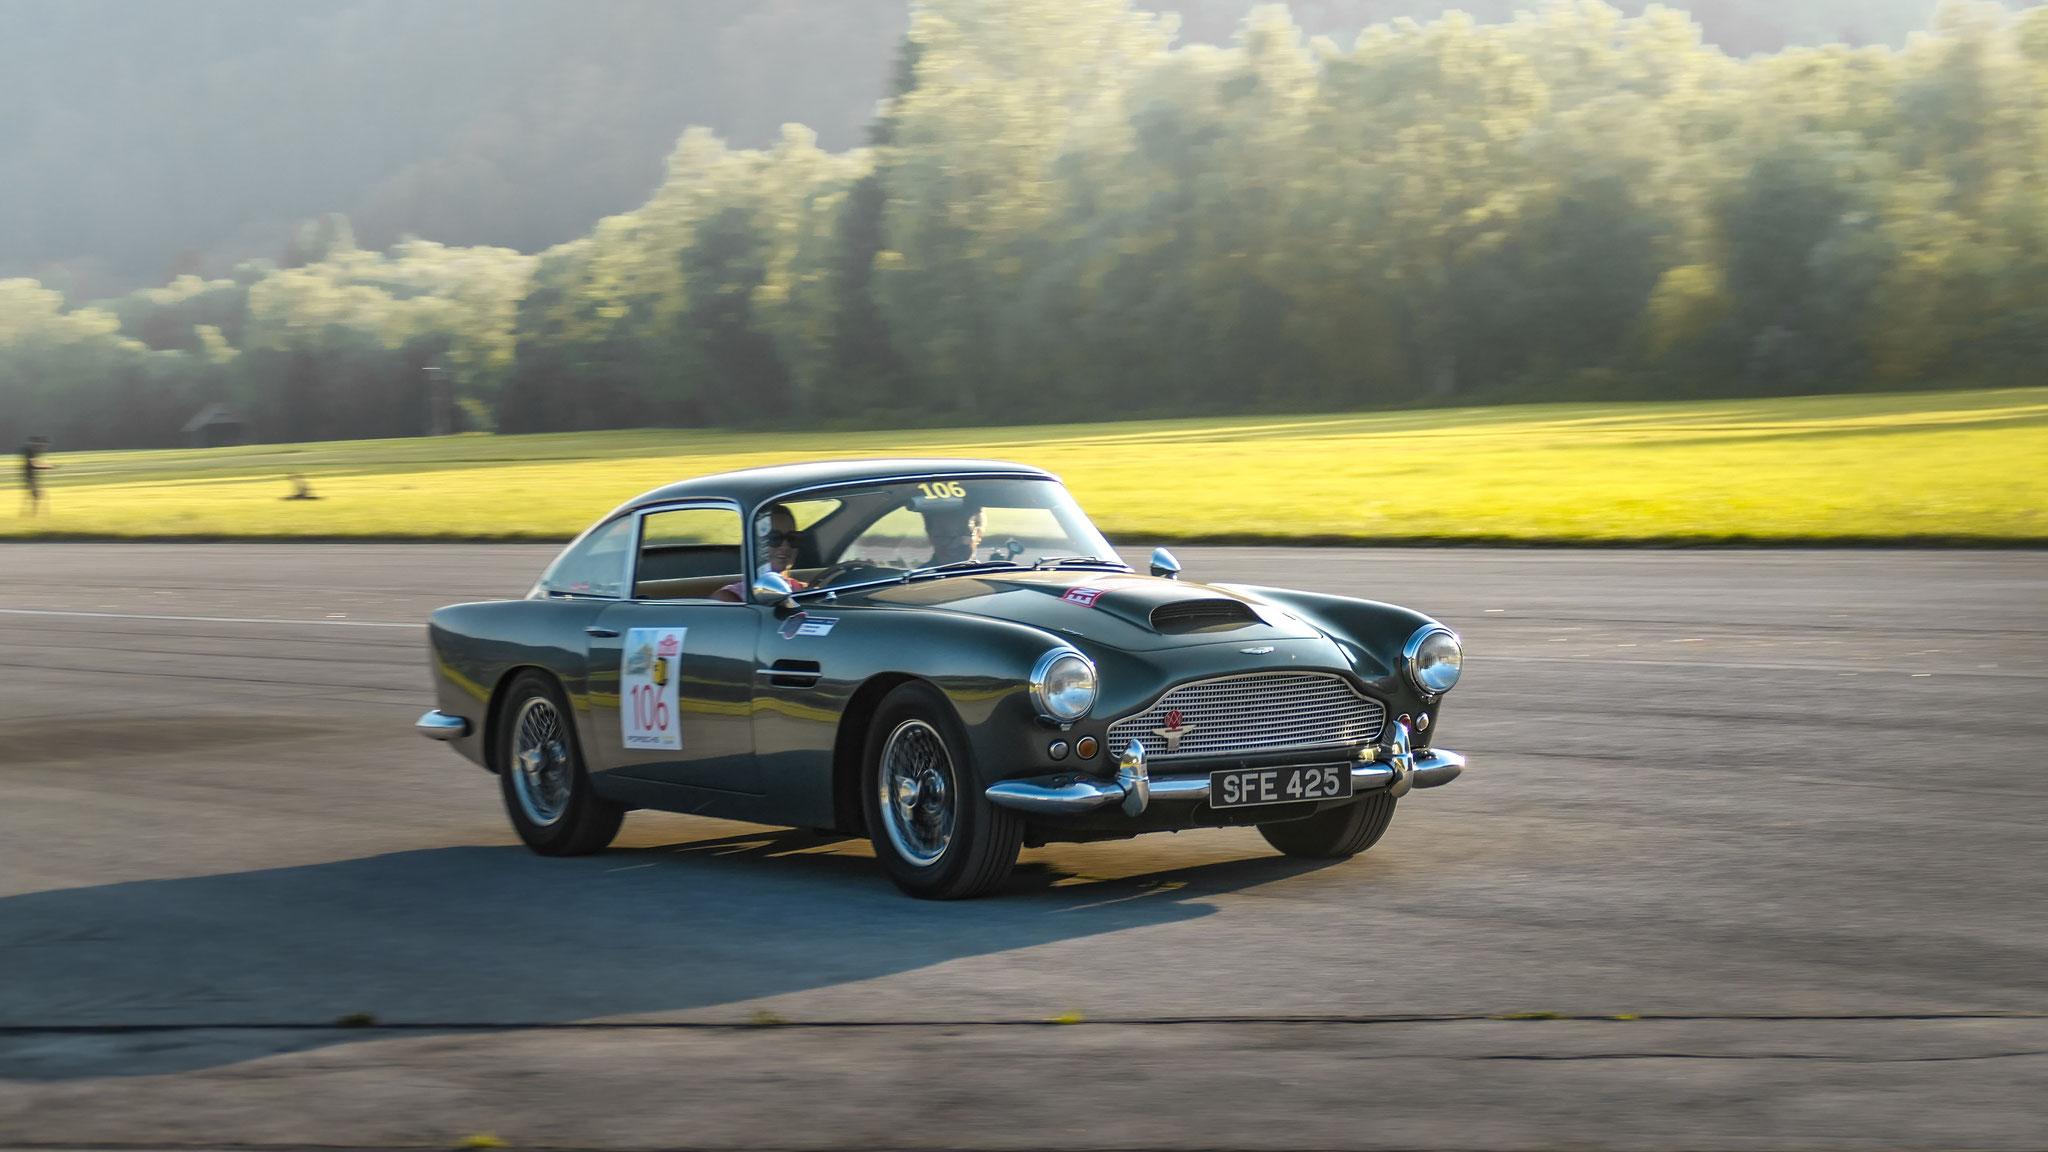 Aston Martin DB4 - SFE-425 (GB)